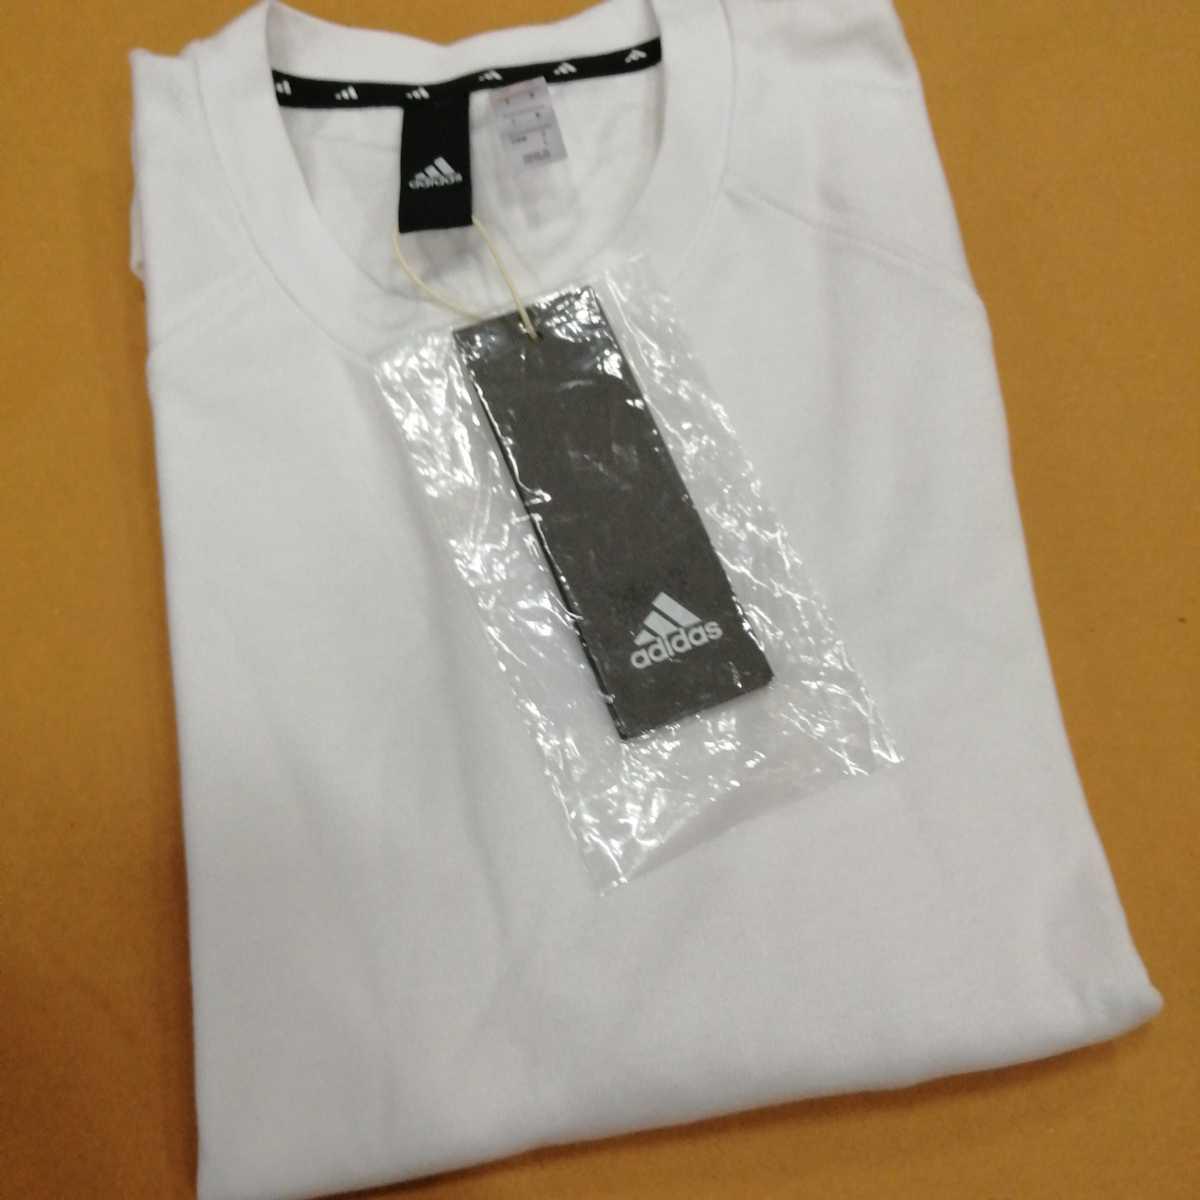 adidas アディダス Tシャツ ホワイト 白 L 新品 送料込 ヘビーオンス 3ストライプ ビッグロゴ オーバーサイズ 韓国 クルーネック インナー